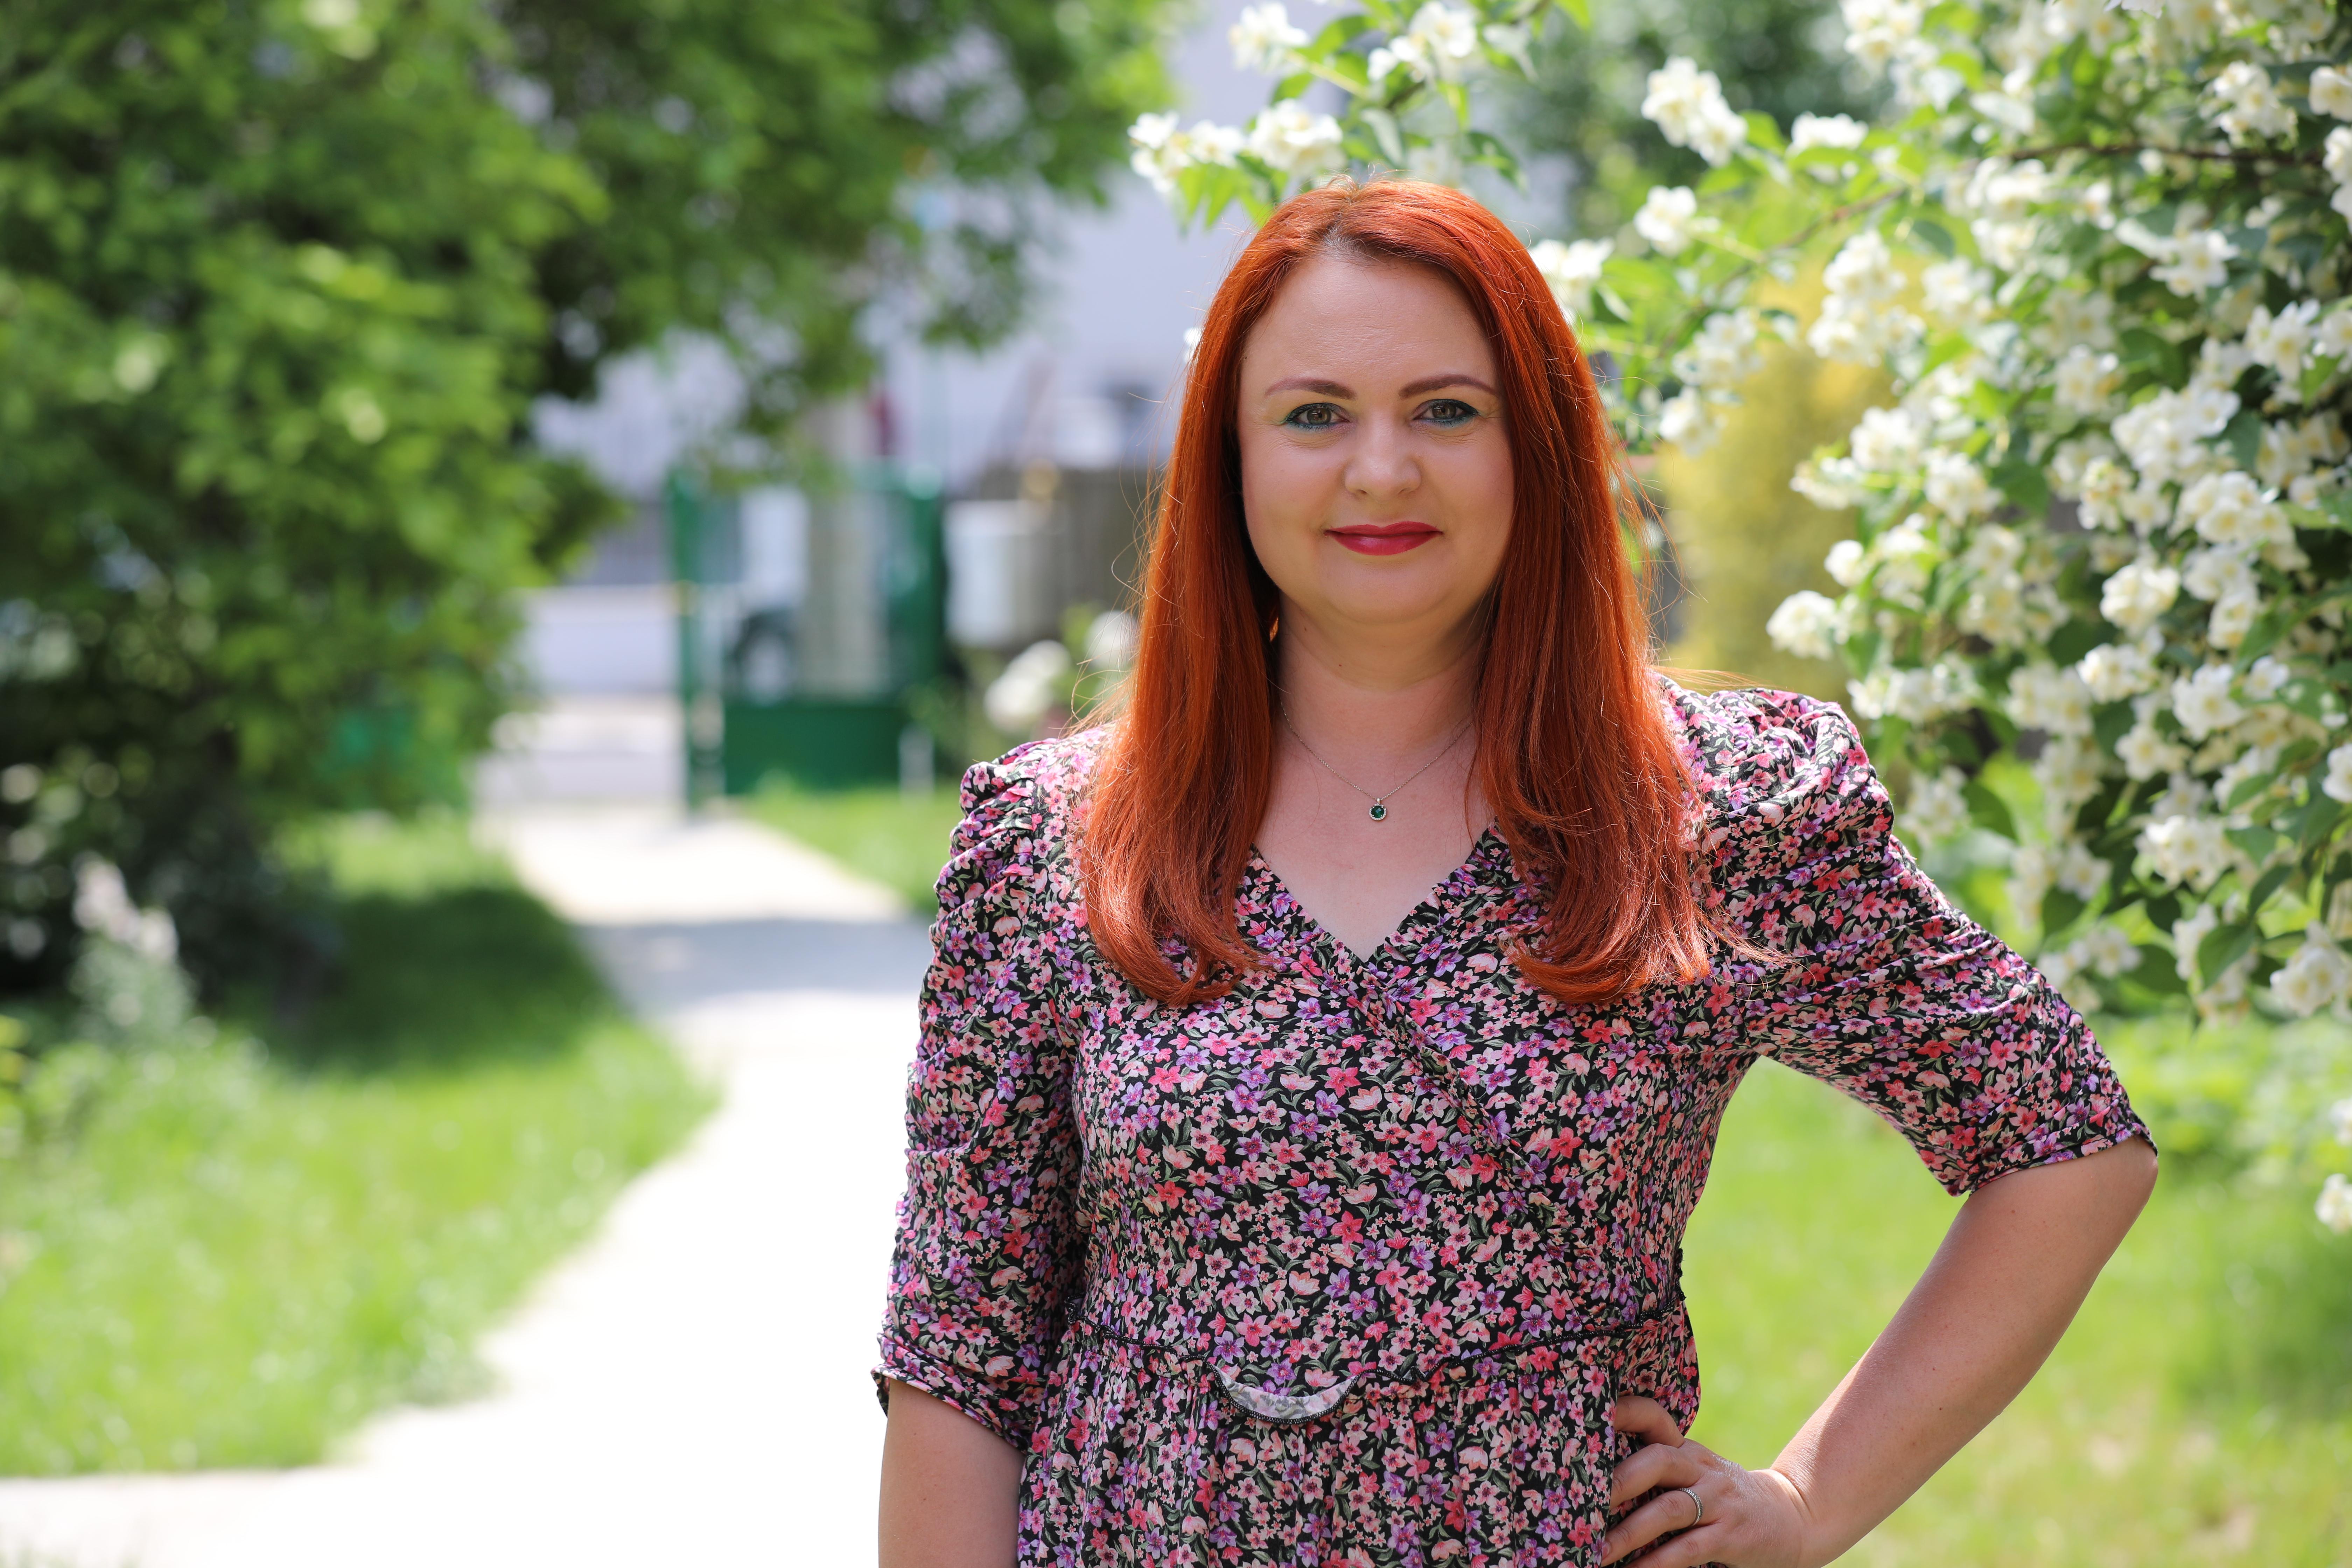 Video-Loredana Mocescu a deschis Zen English School, o alternativă care răspunde nevoilor actuale ale copiilor!